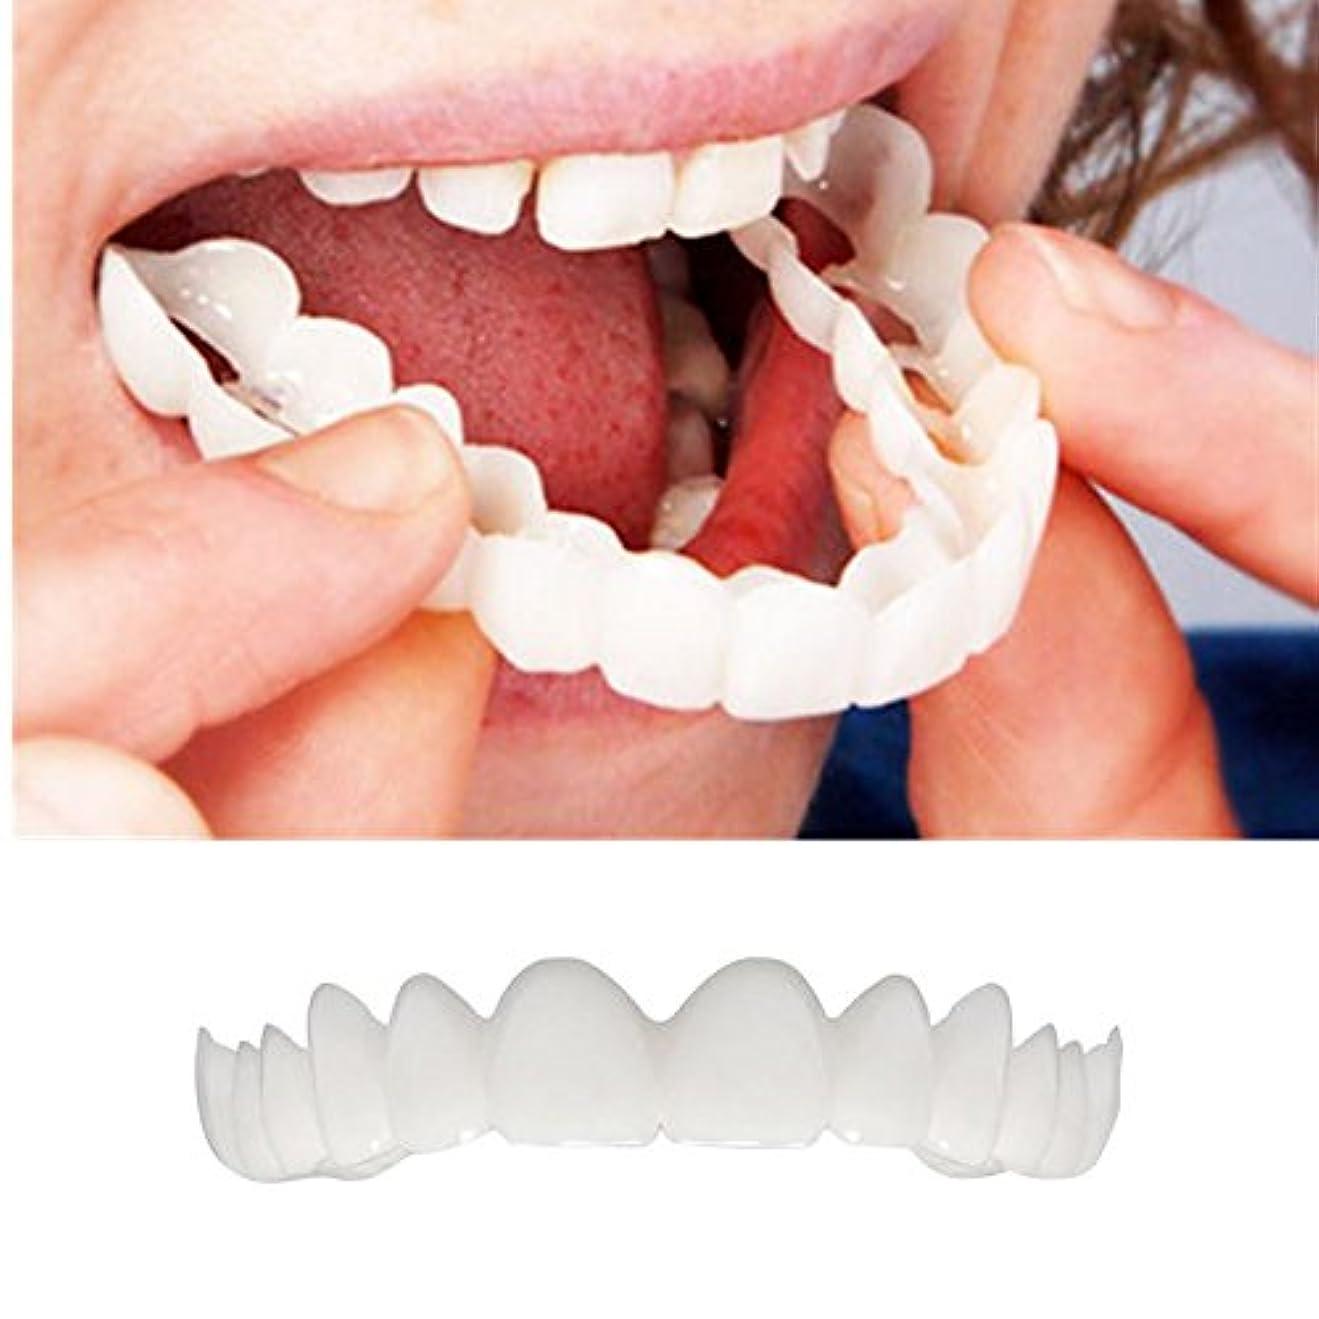 下に向けますのぞき穴シェル歯のソケット、SakuraBestインスタントスマイル快適フィットフィットメイク義歯